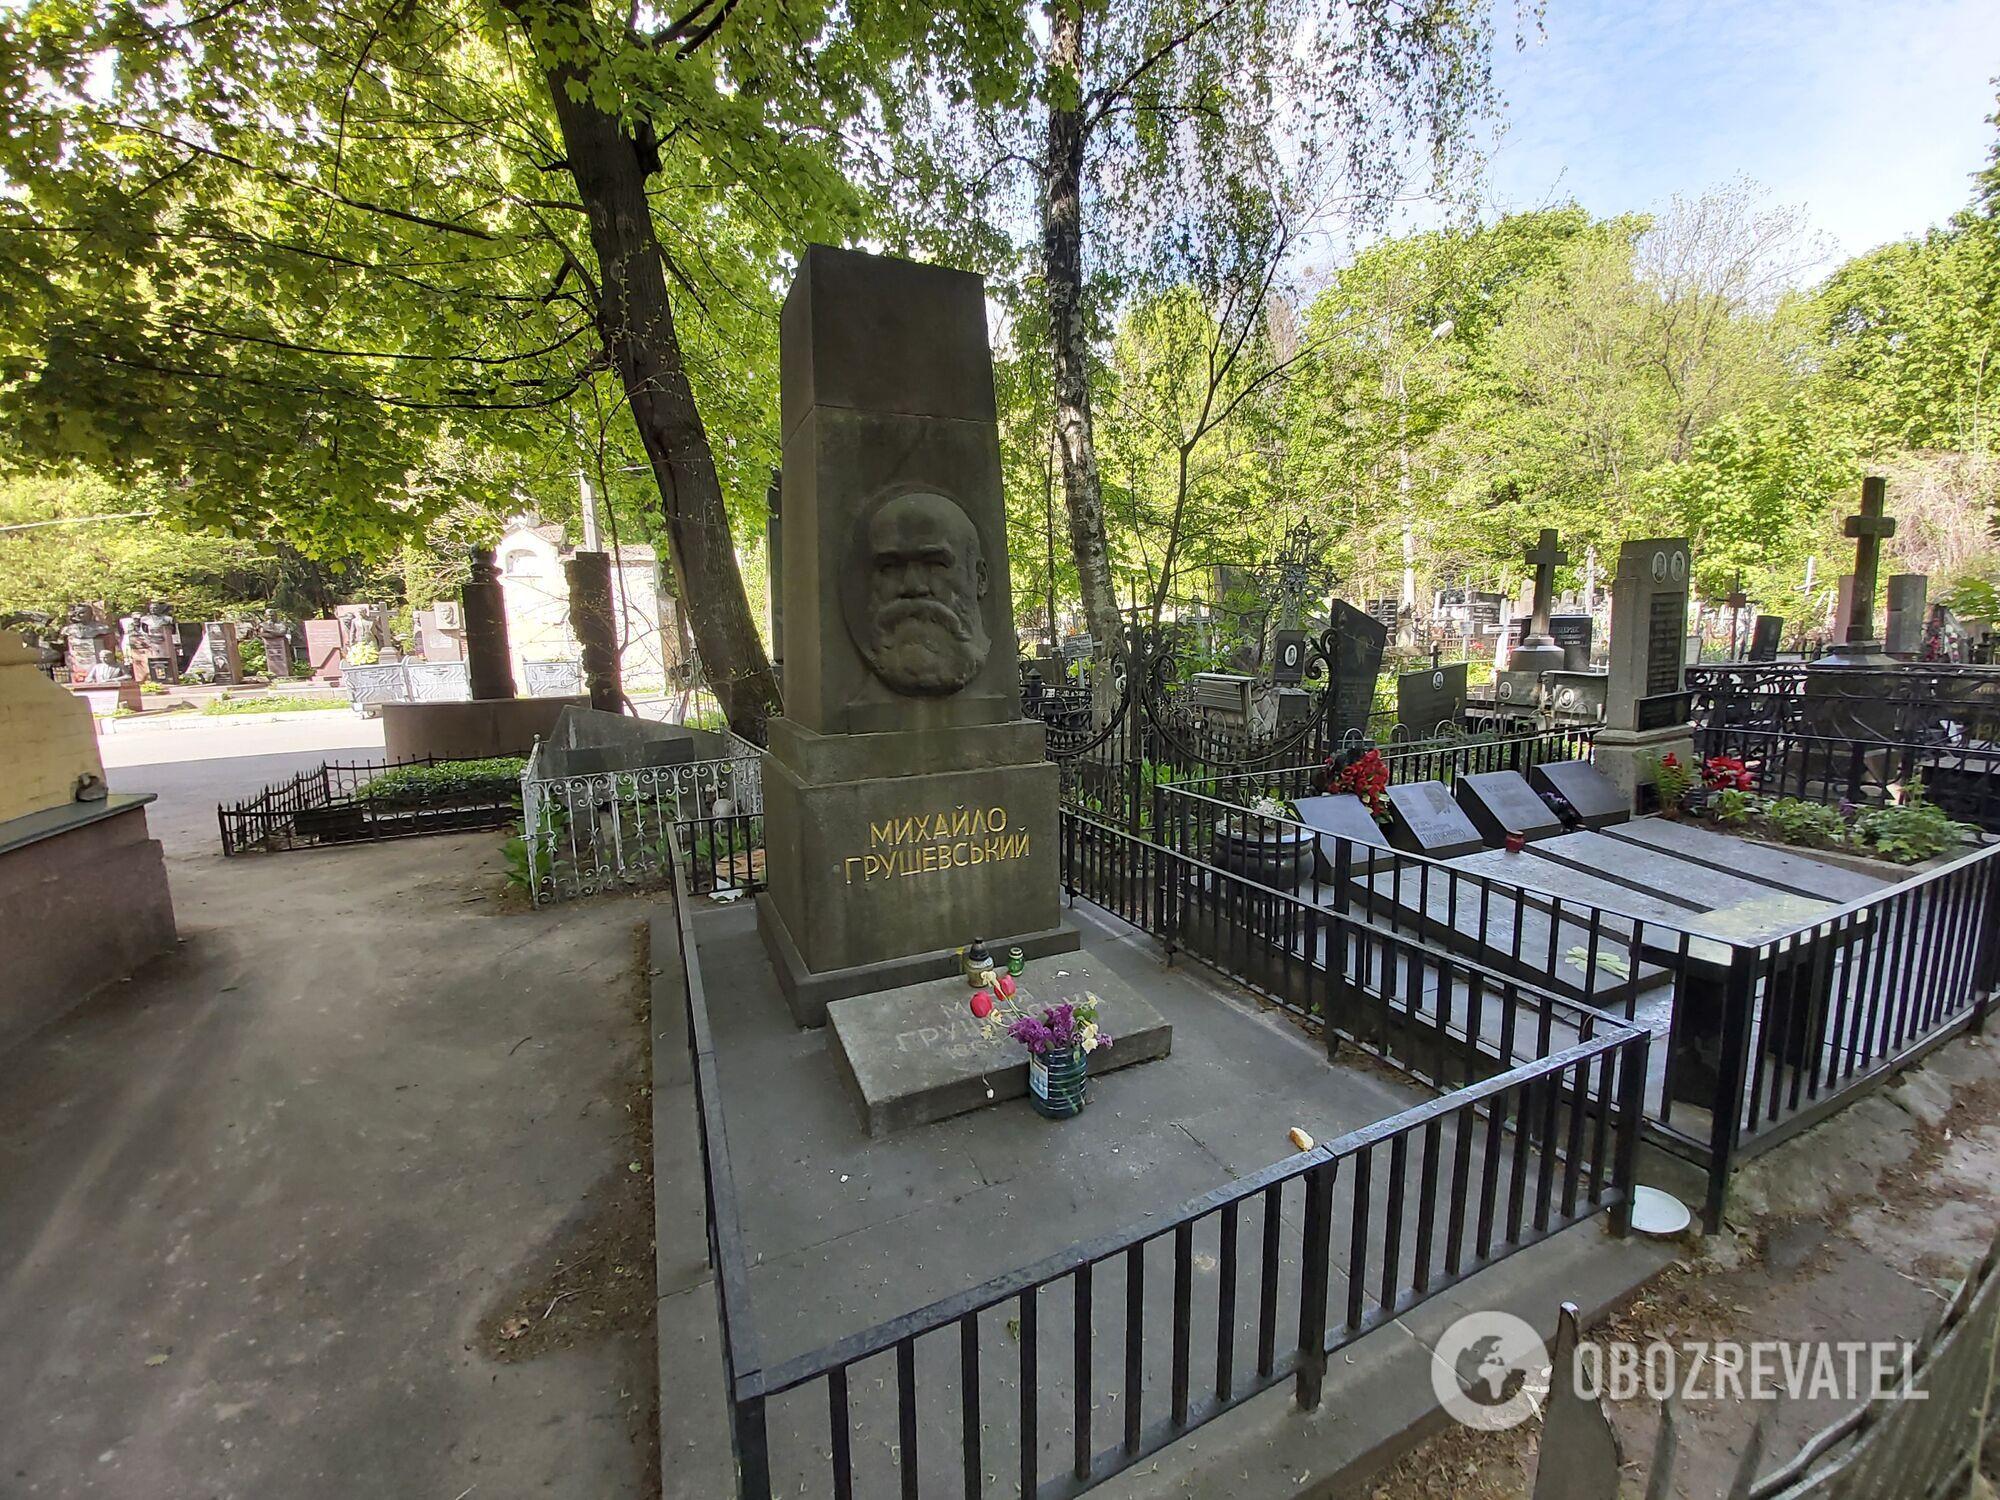 За могилой отца украинской истории Михаила Грушевского ухаживают.